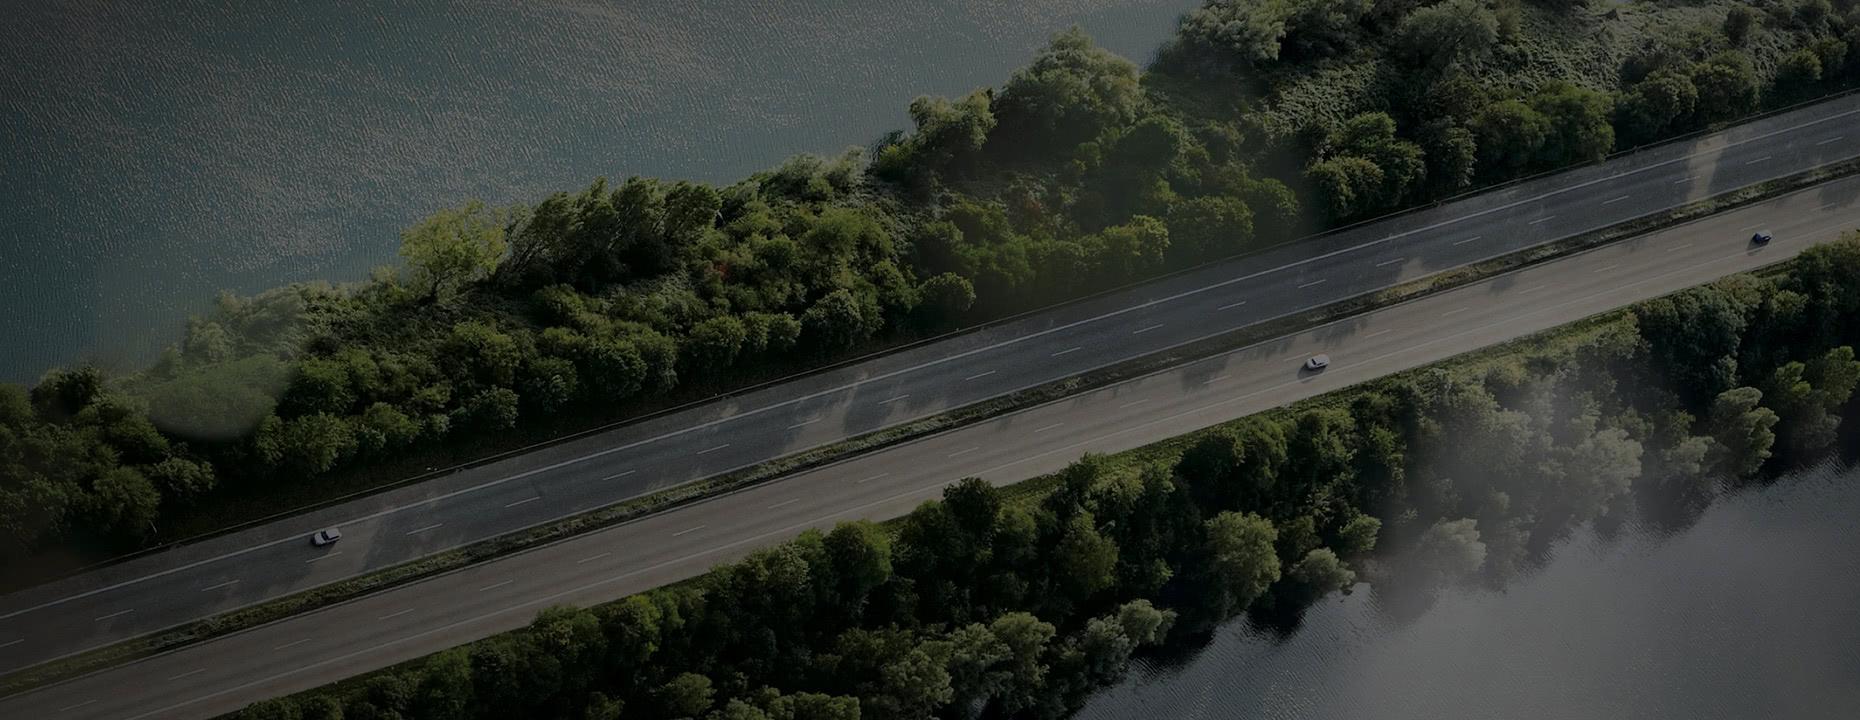 Час подбати про зимову гуму | Хюндай Мотор Україна - фото 7